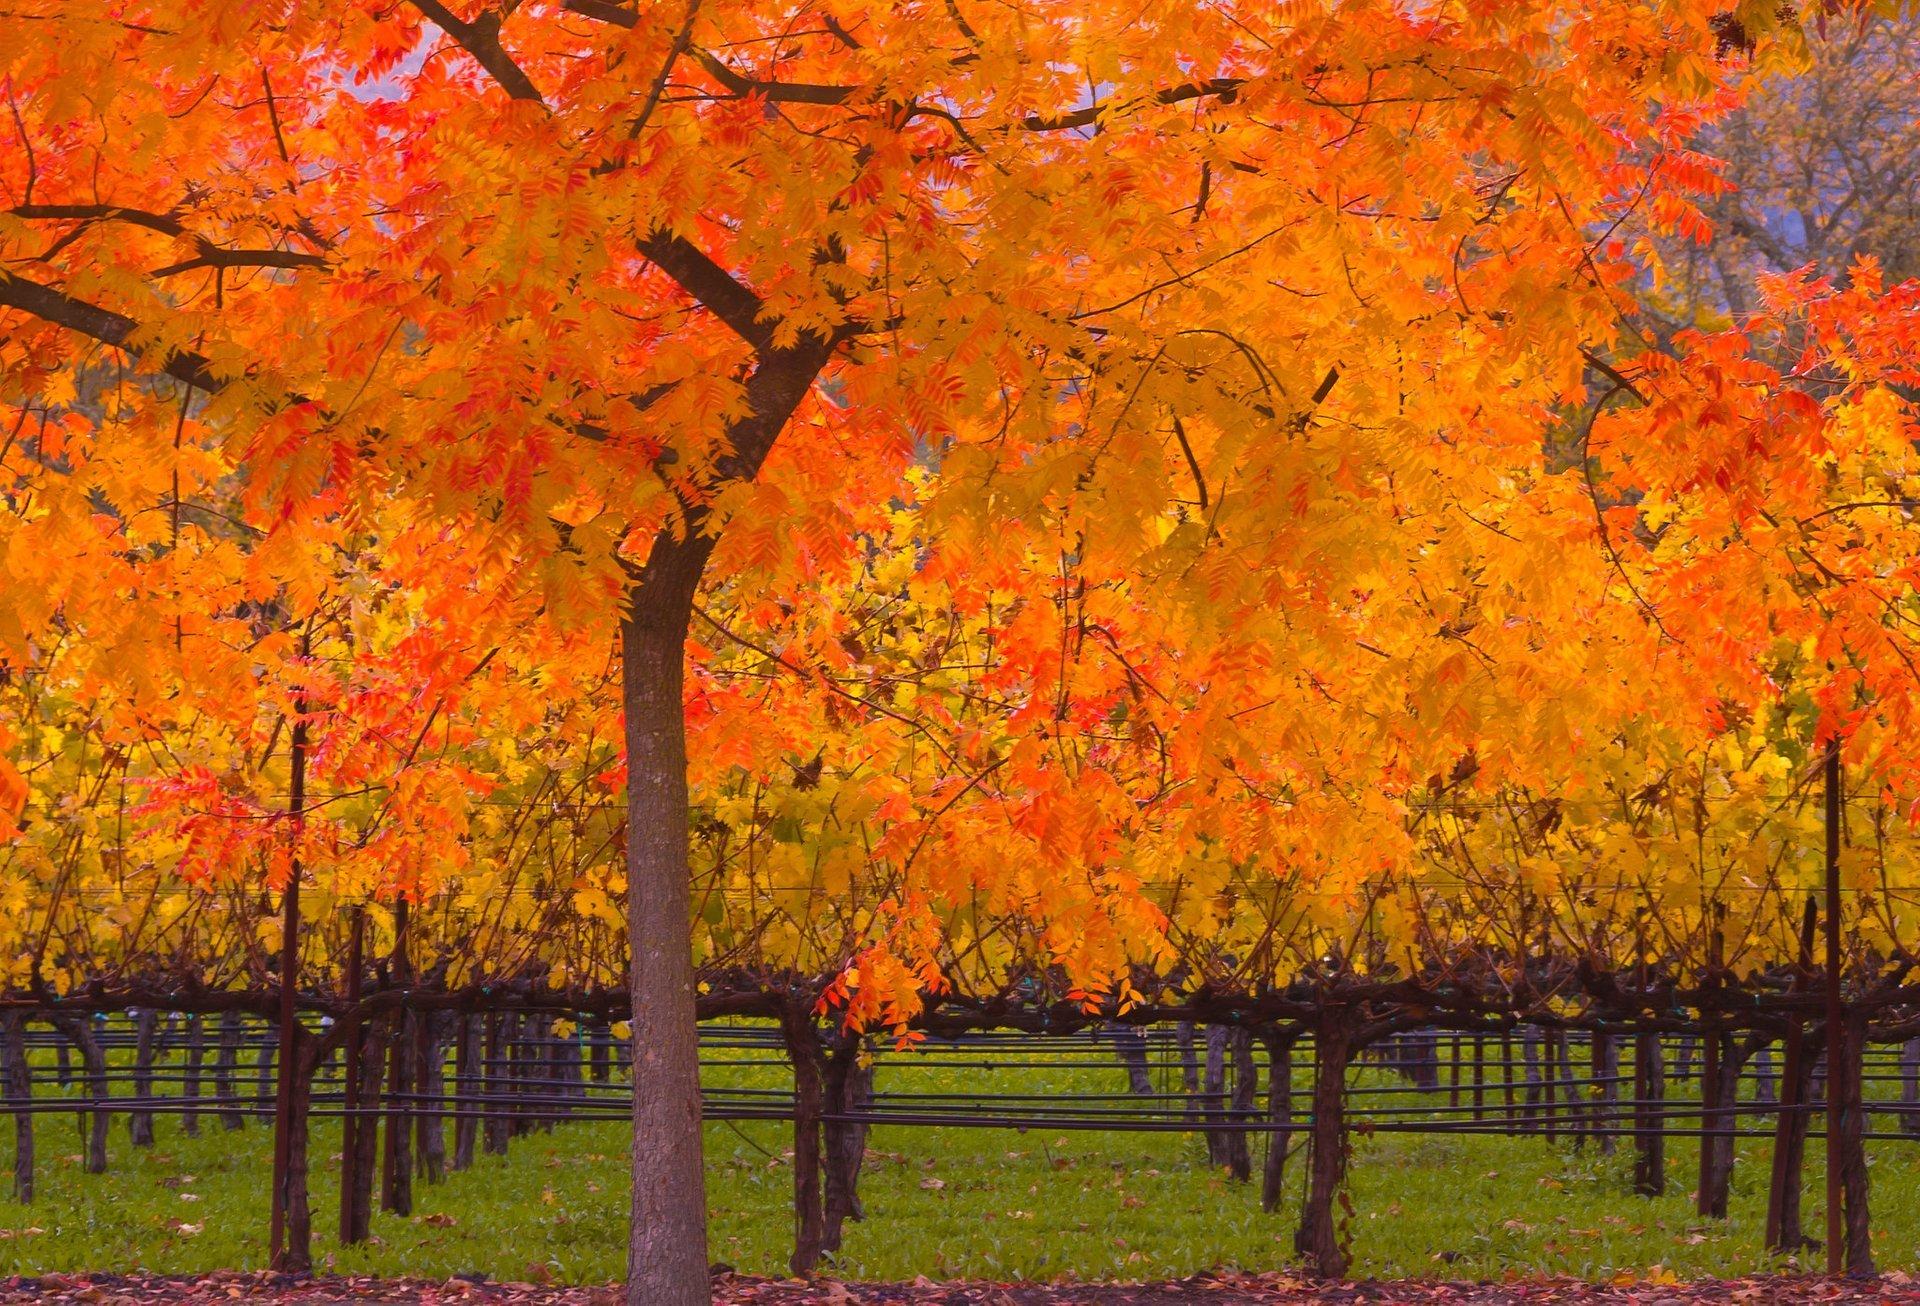 Fall at a vineyard in Napa Valley, California 2020